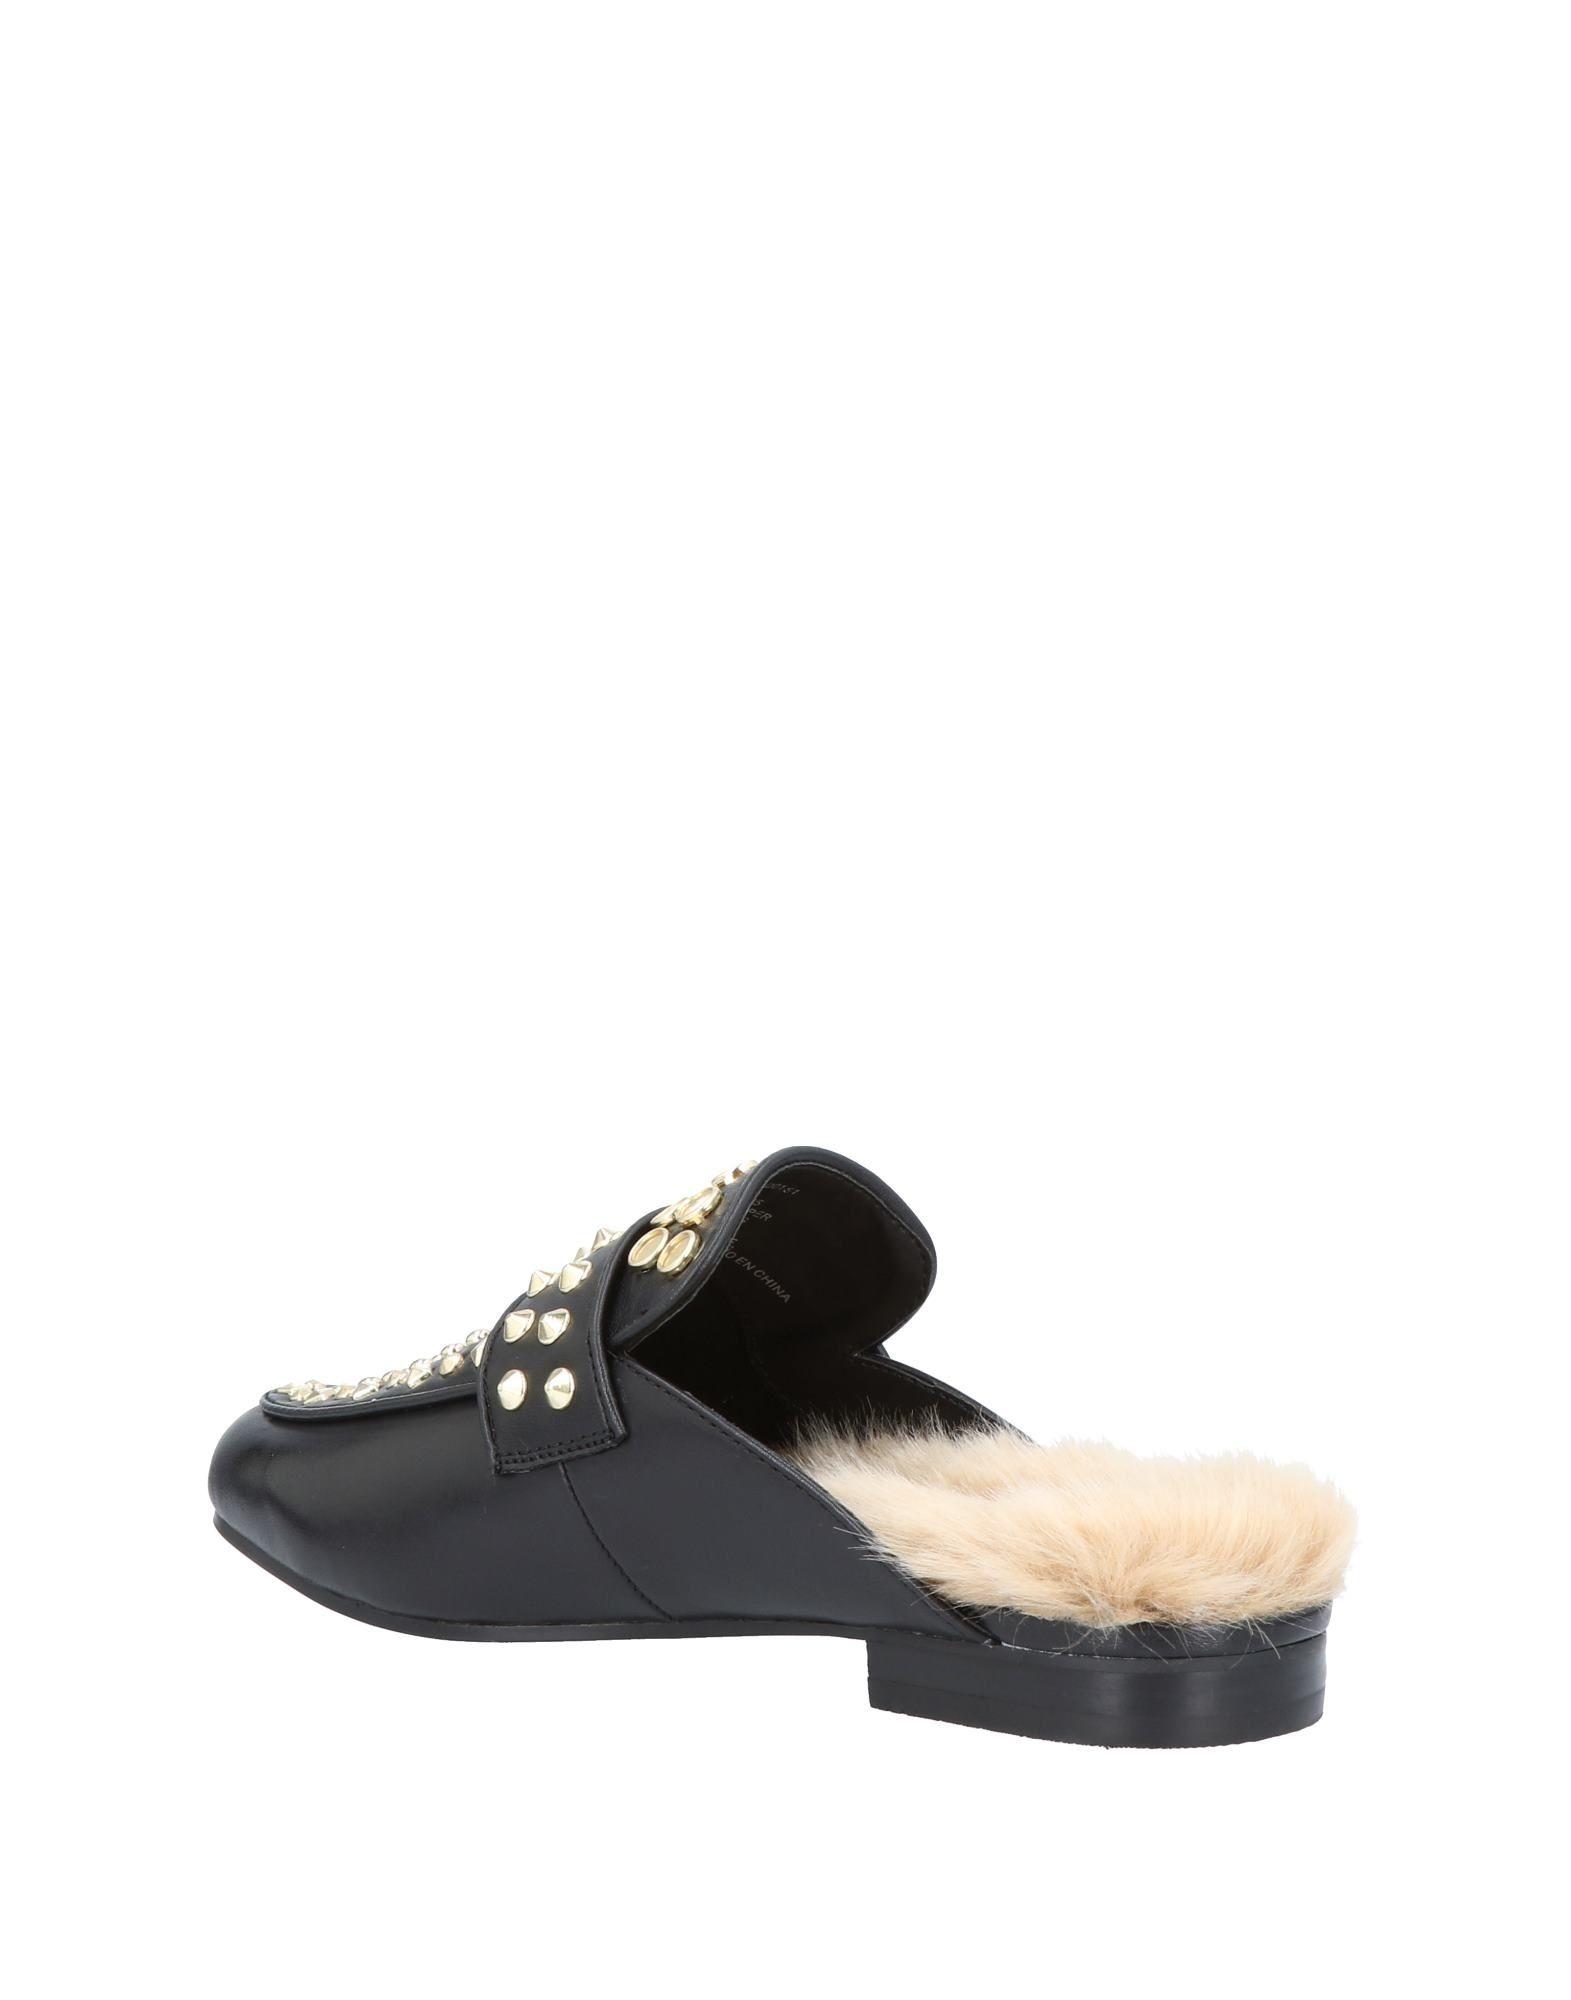 Steve 11467303WW Madden Pantoletten Damen  11467303WW Steve Gute Qualität beliebte Schuhe 4e25c9